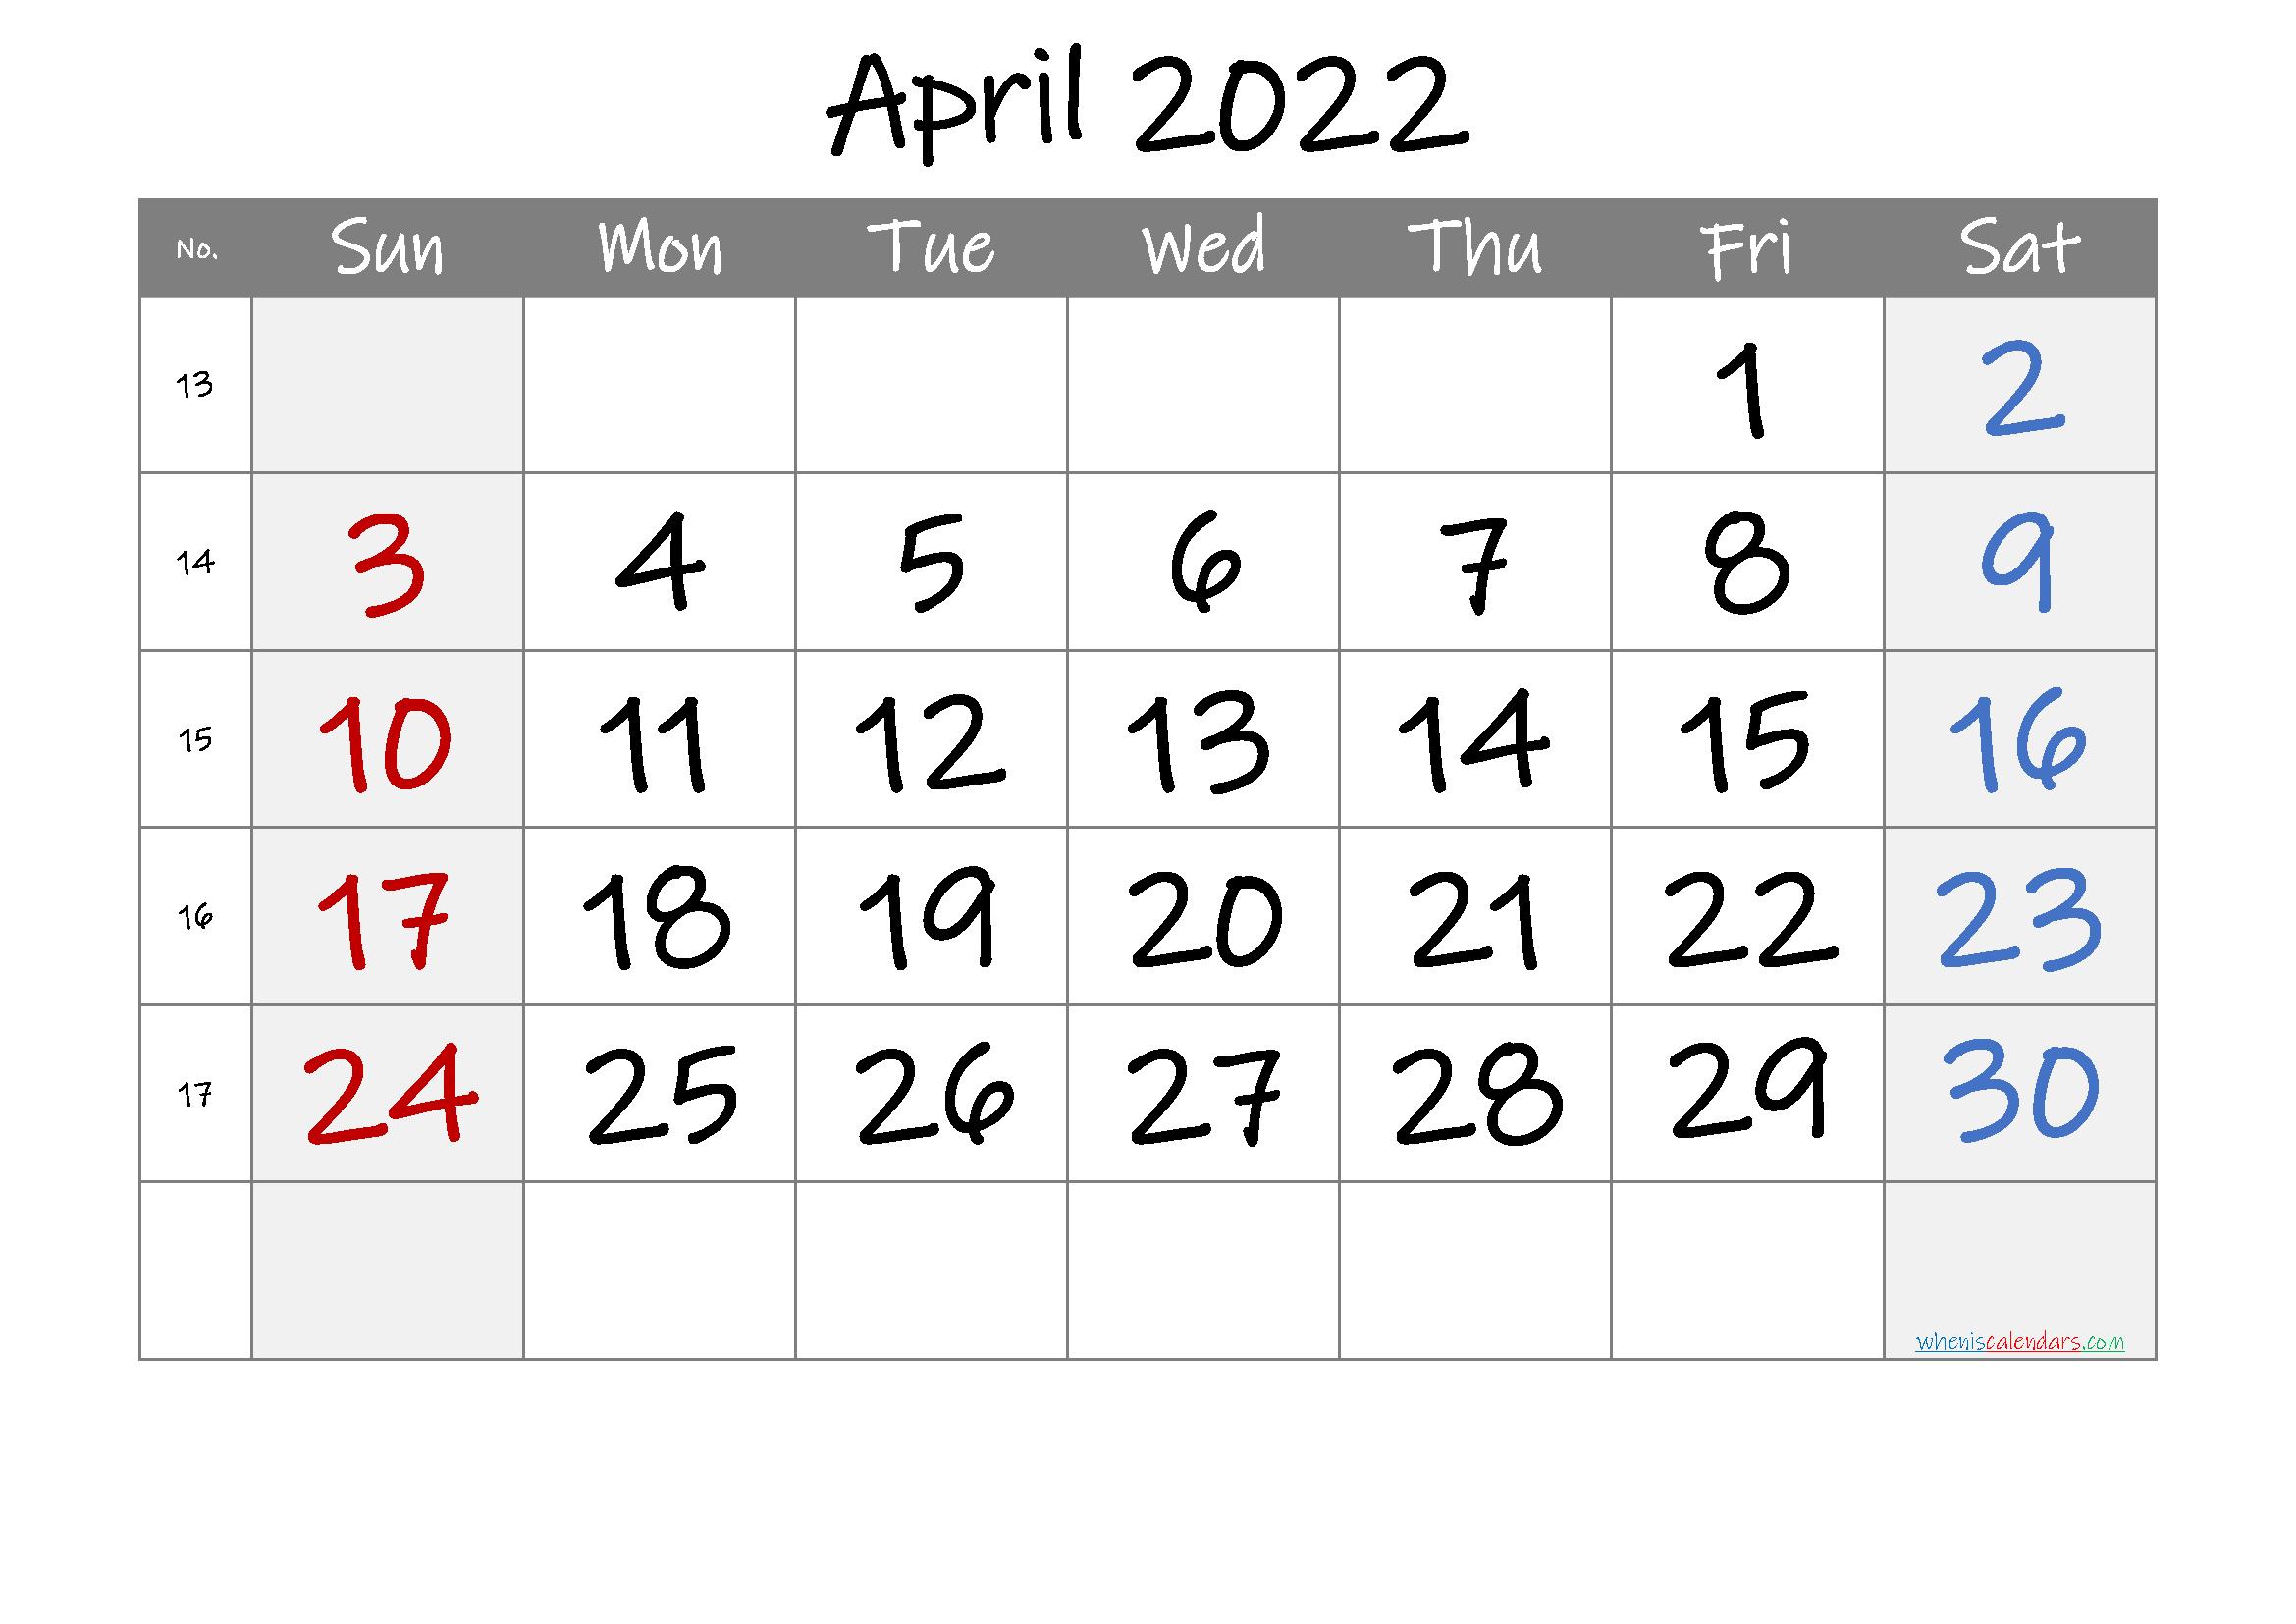 April 2022 Printable Calendar with Week Numbers